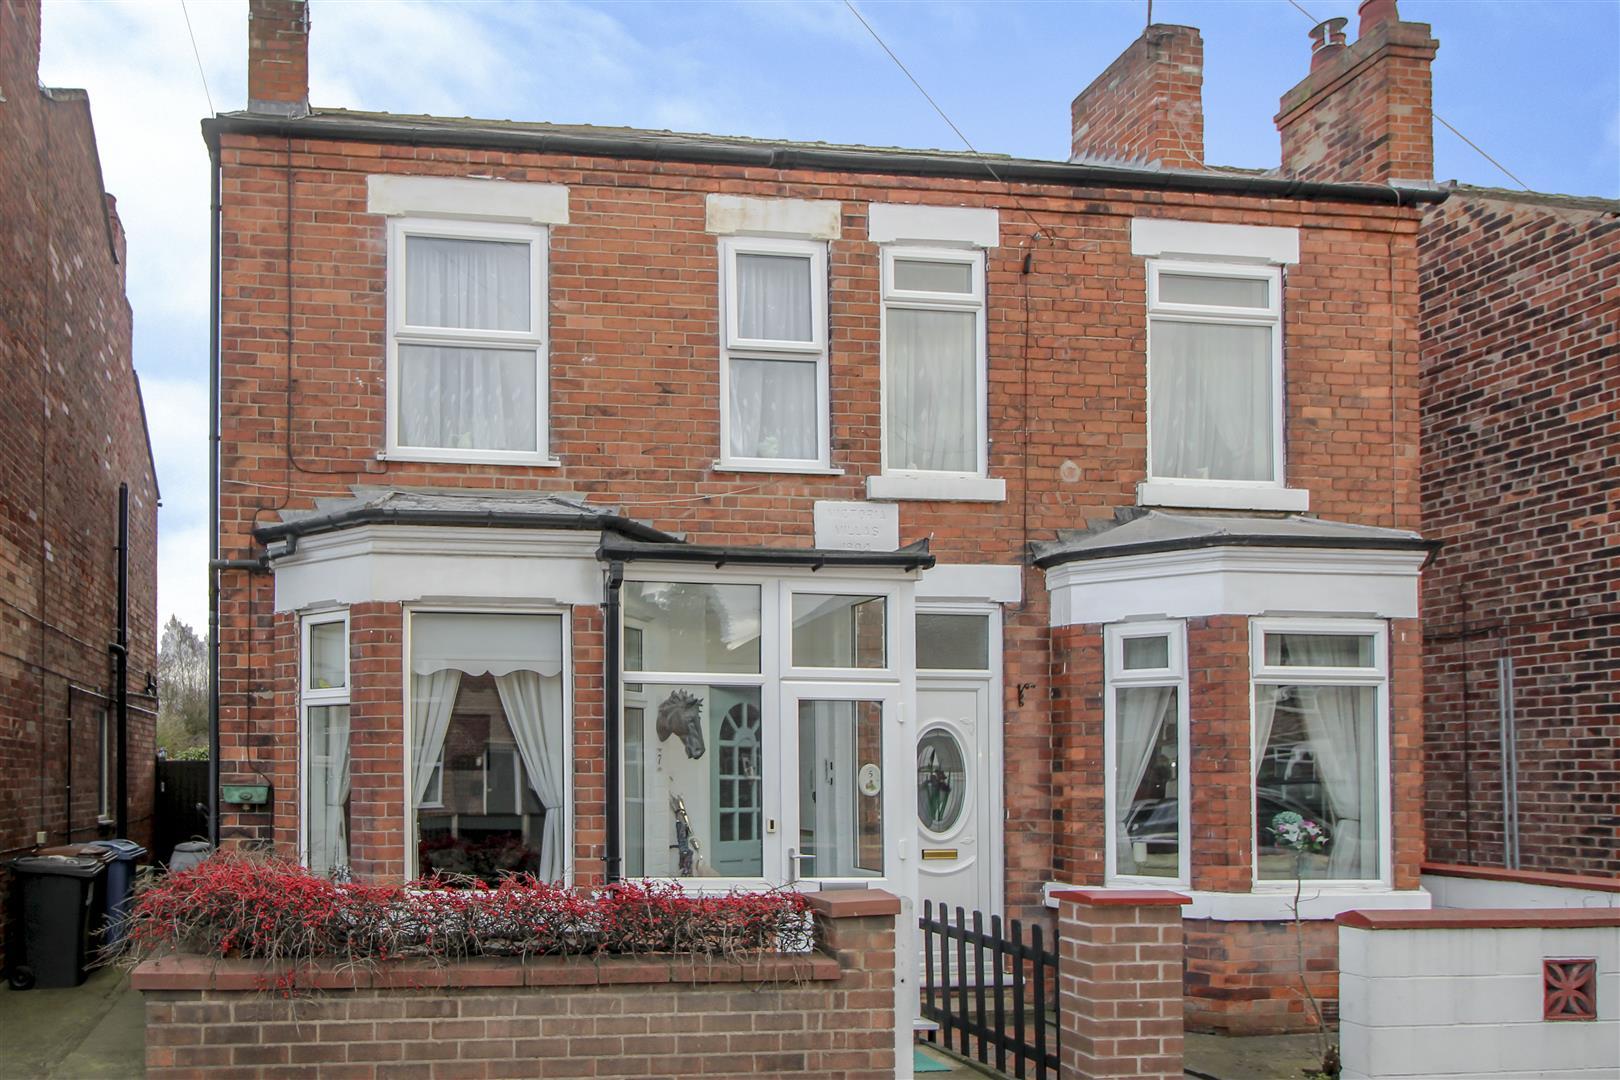 2 Bedrooms House for sale in Ilkeston Road, Sandiacre, Nottingham